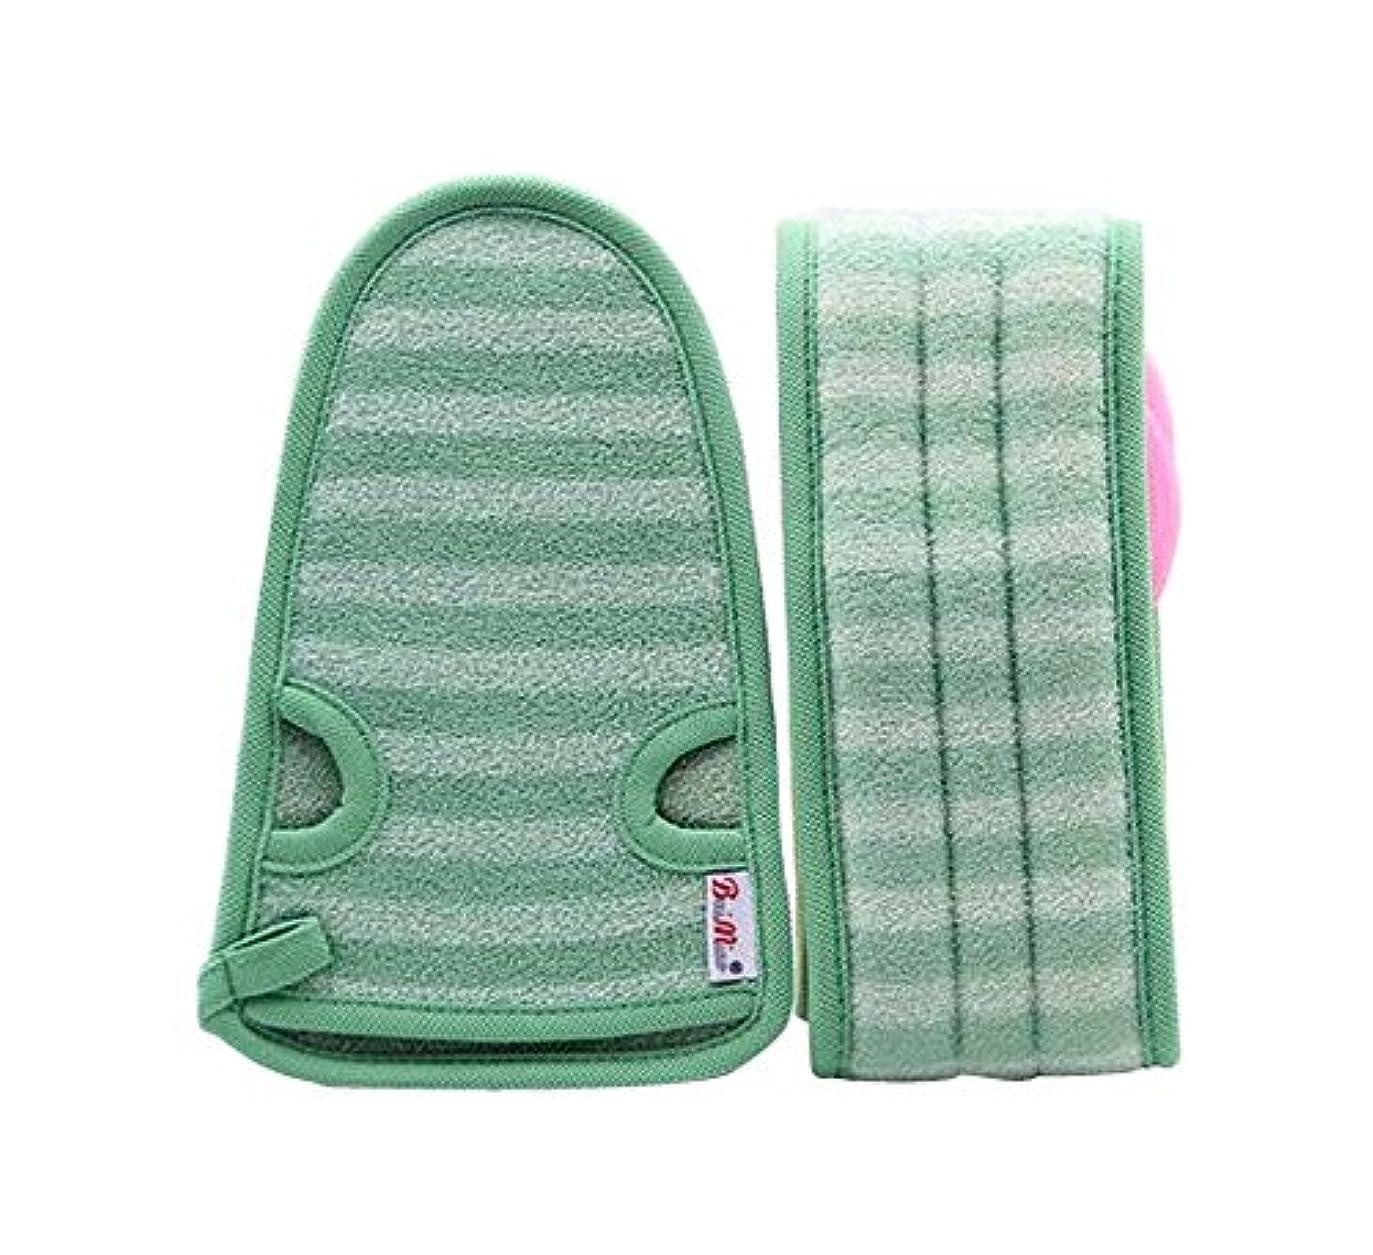 処分した血まみれの勝者女性のための柔らかいミトンの剥離手袋のバスベルトの2、緑